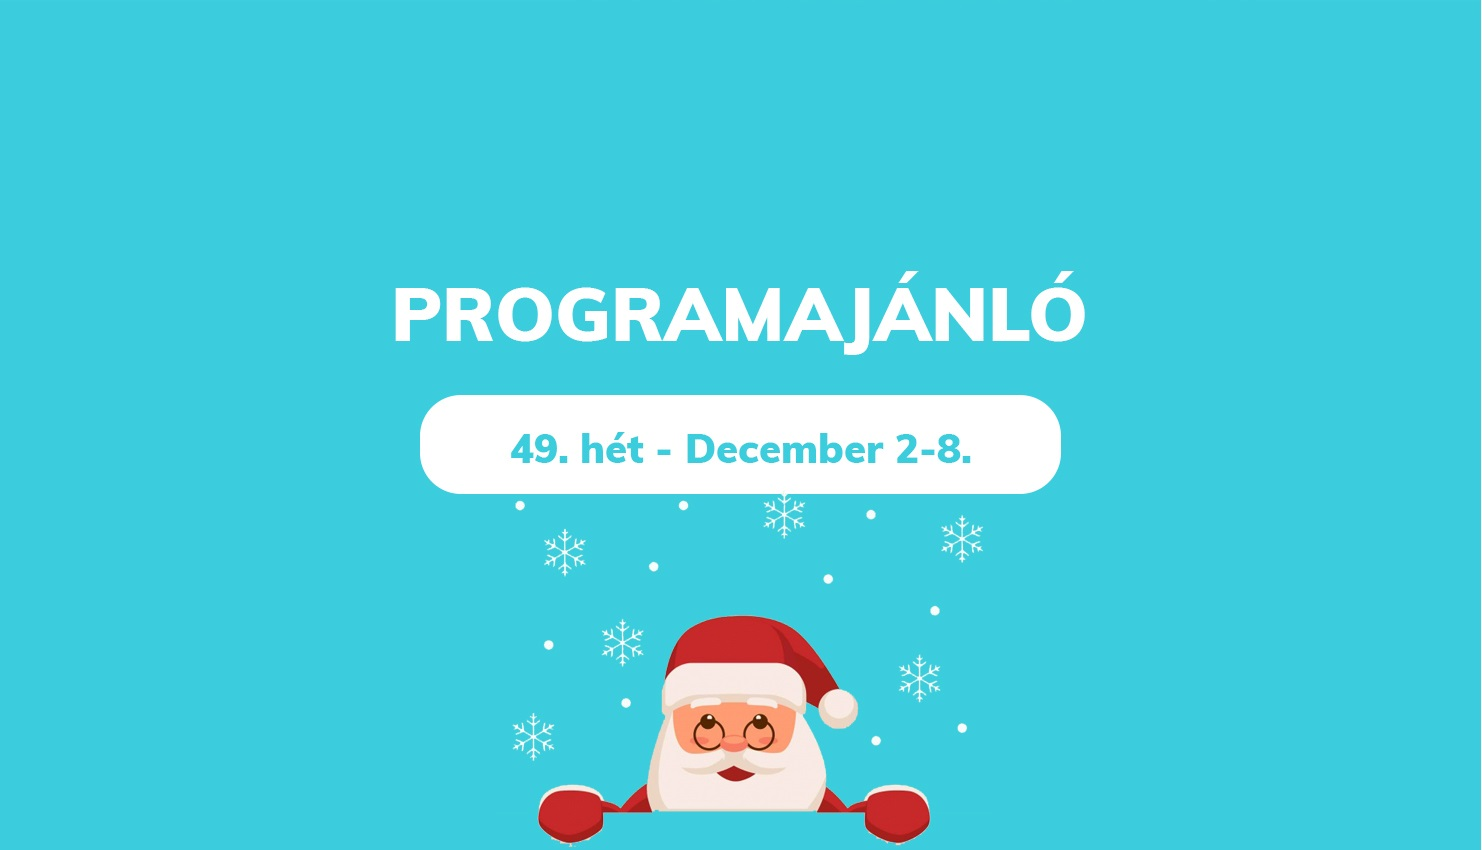 Heti programajánlónk – 49.hét / December 2-8.